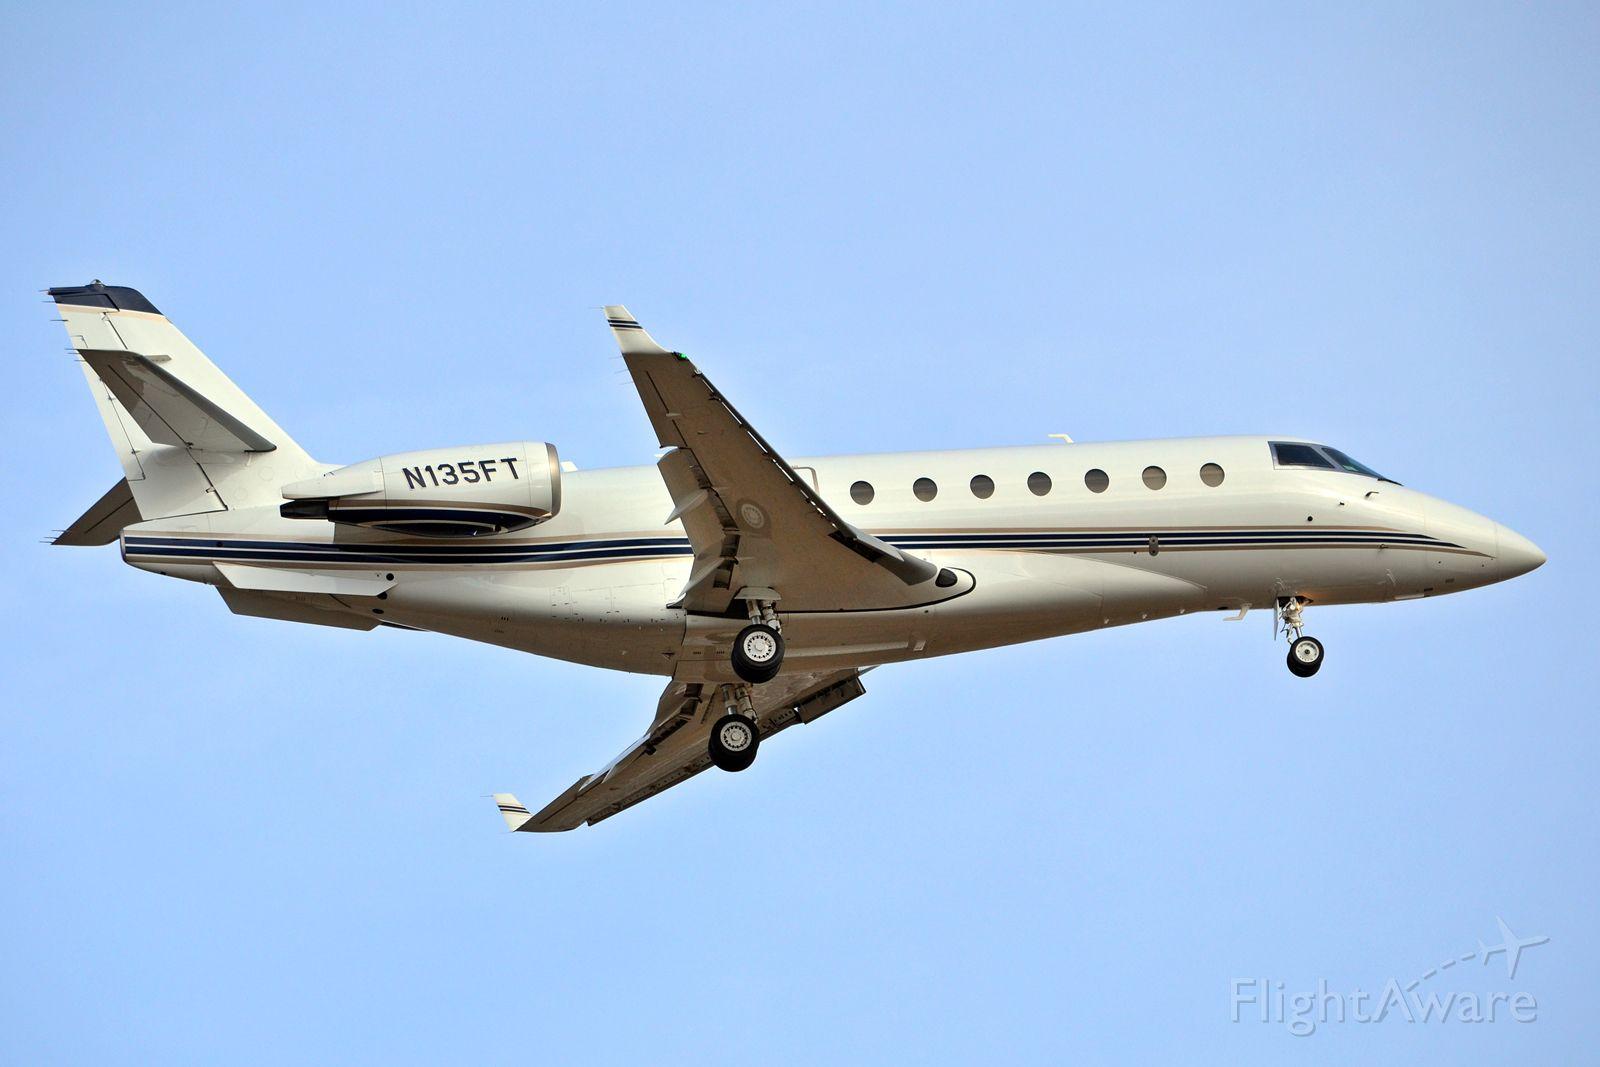 IAI Gulfstream G200 (N135FT)